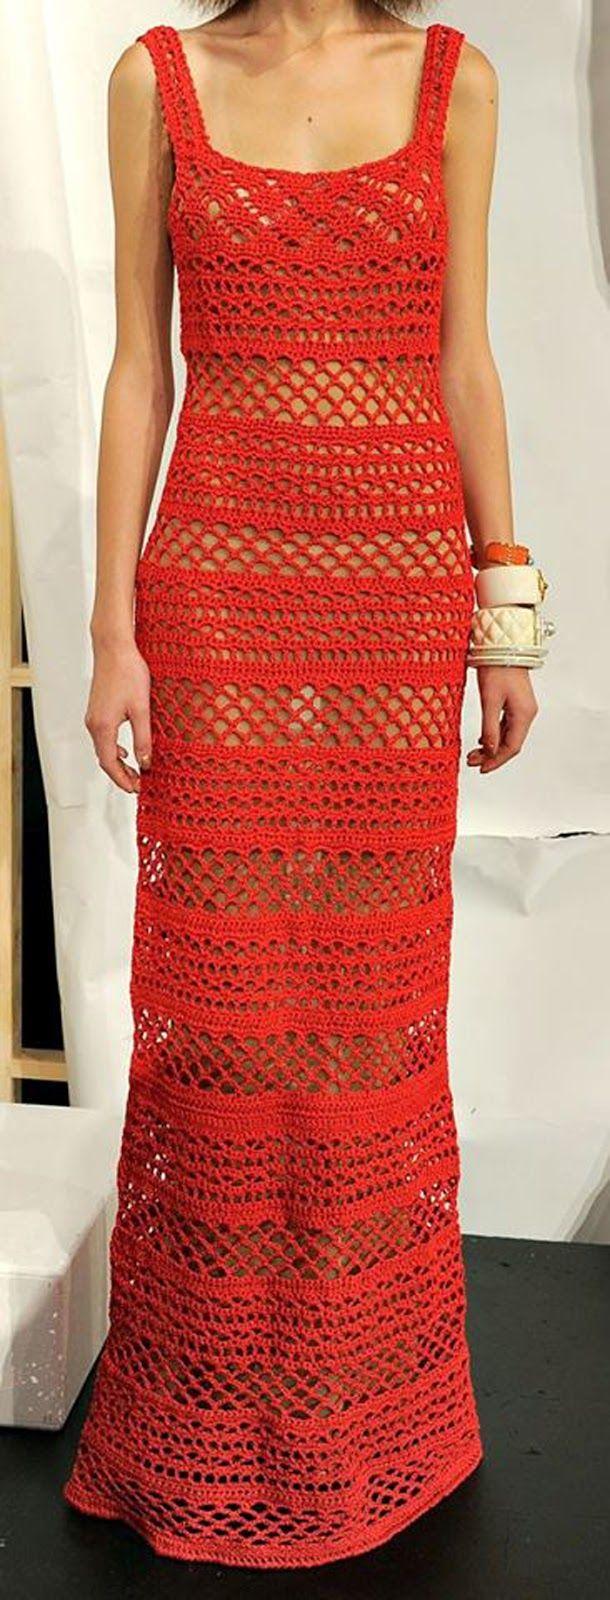 crochelinhasagulhas: Vestido vermelho longo em crochê